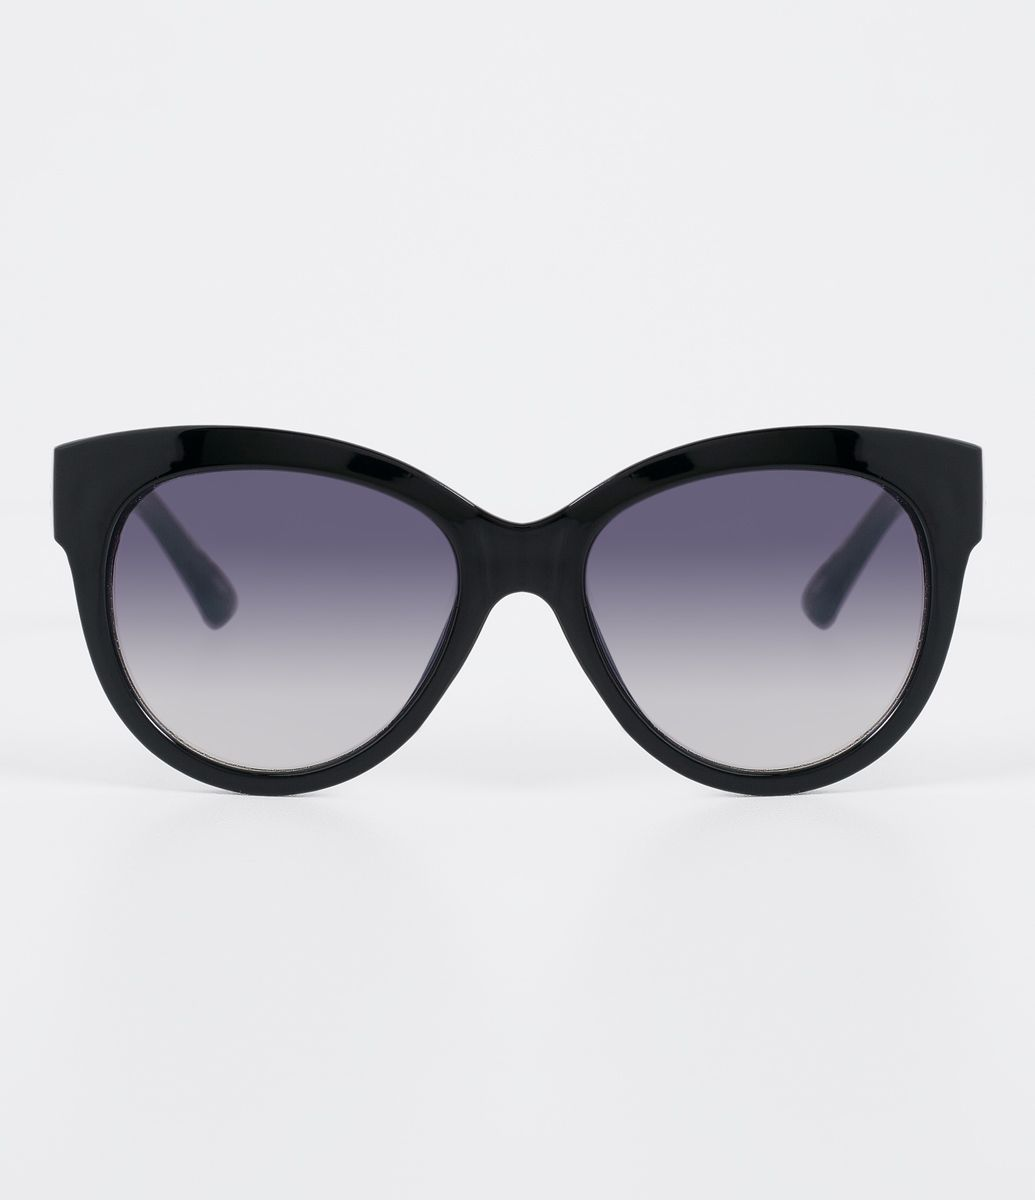 Óculos de sol Modelo redondo Hastes em acetato Lentes degradê em acrílico  Proteção contra raios UVA   UVB Acompanha um estojo e flanela de limpeza  Garantia ... 86a9ead302